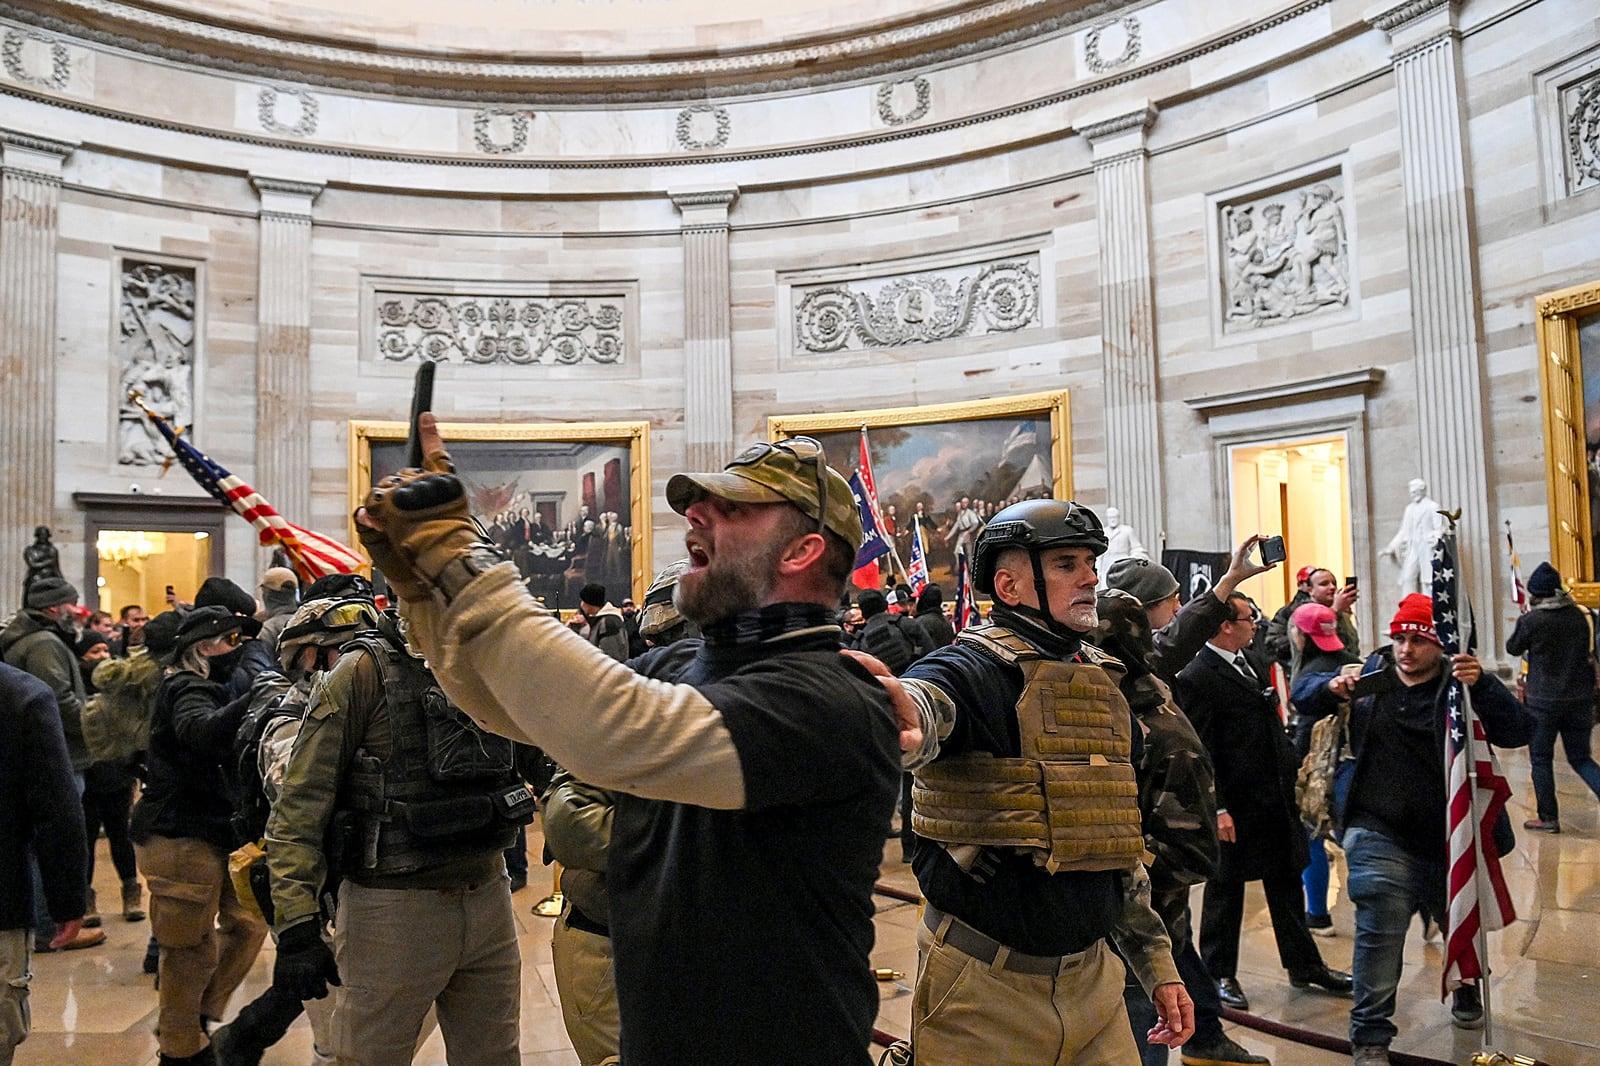 Seguidors radicals de Donald Trump dins de la Rotonda del Capitoli, durant l'assalt del 6 de gener. Fotografia de Saul Loeb. AFP.